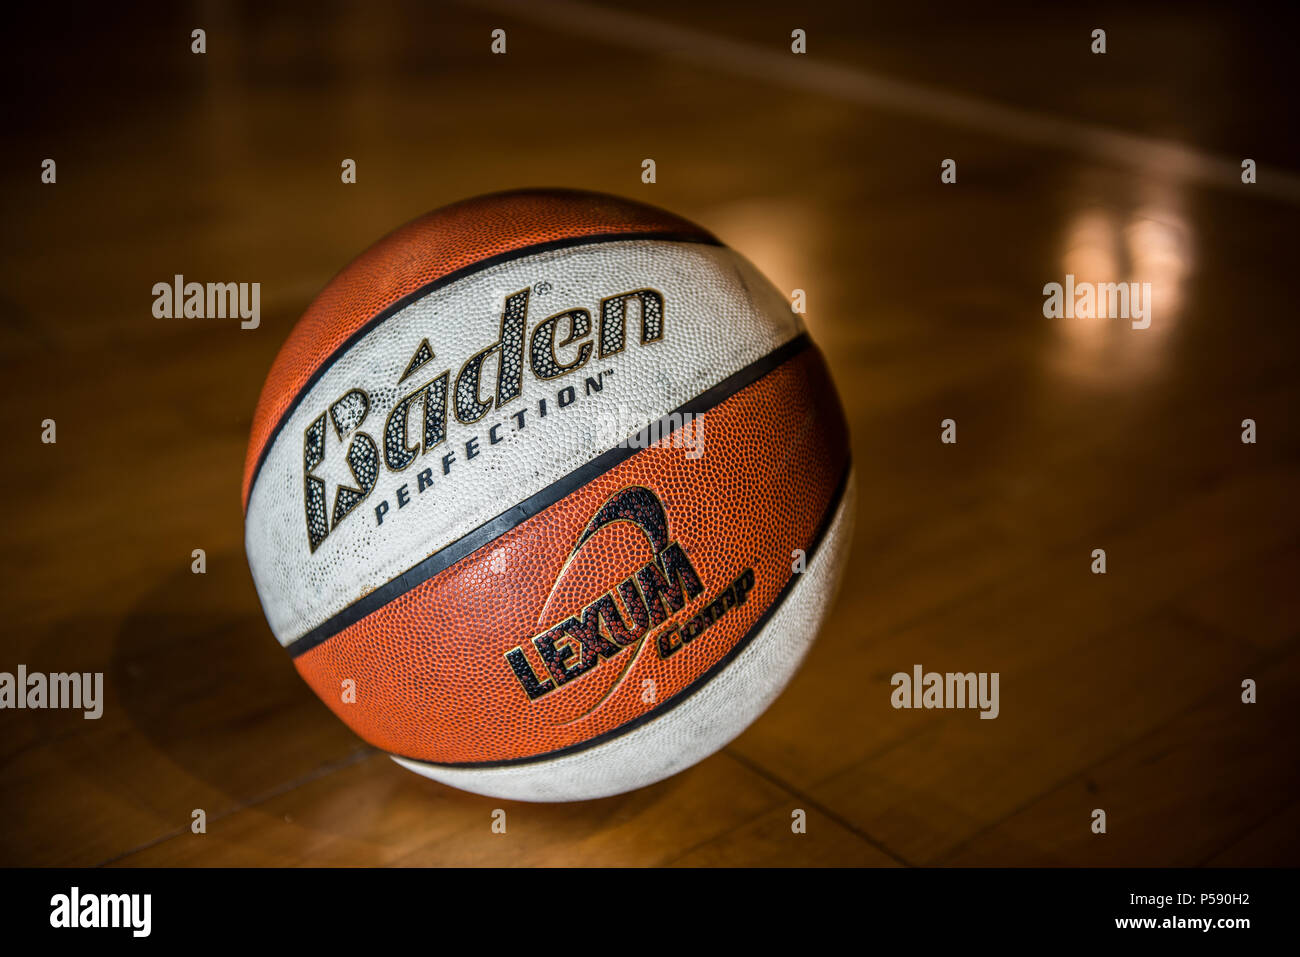 Sol Terrain De Basket un terrain de basket-ball éclairés sur le sol de la cour